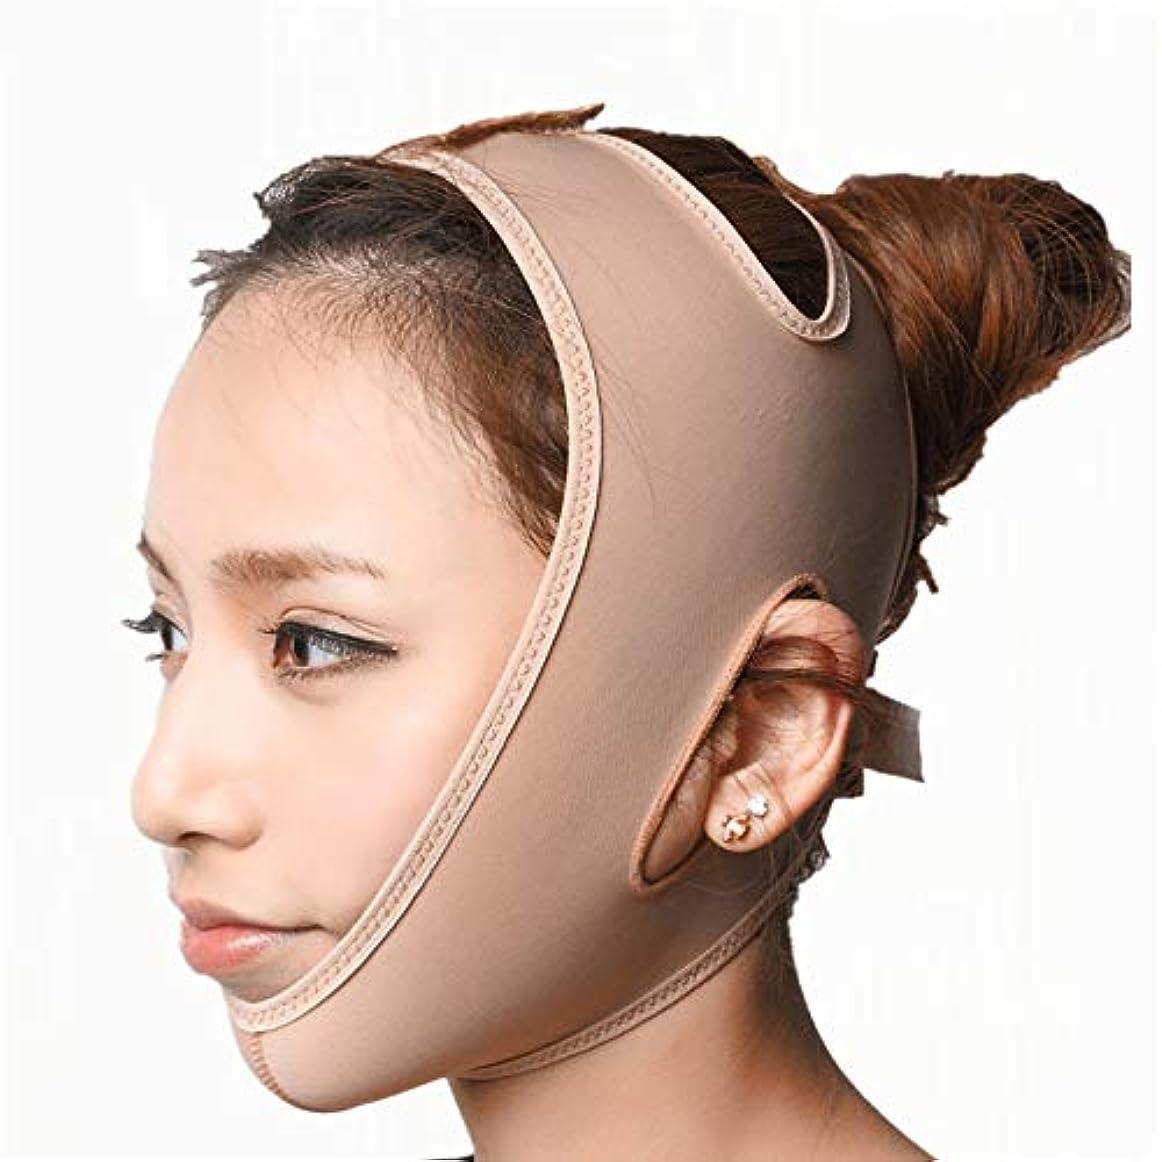 環境に優しい特に実行するMinmin 顔の持ち上がる痩身ベルト - アンチエイジングリンクルフェイスマスクベルトシンフェイス包帯整形マスクは顔と首を締めますフェイススリム みんみんVラインフェイスマスク (Size : L)